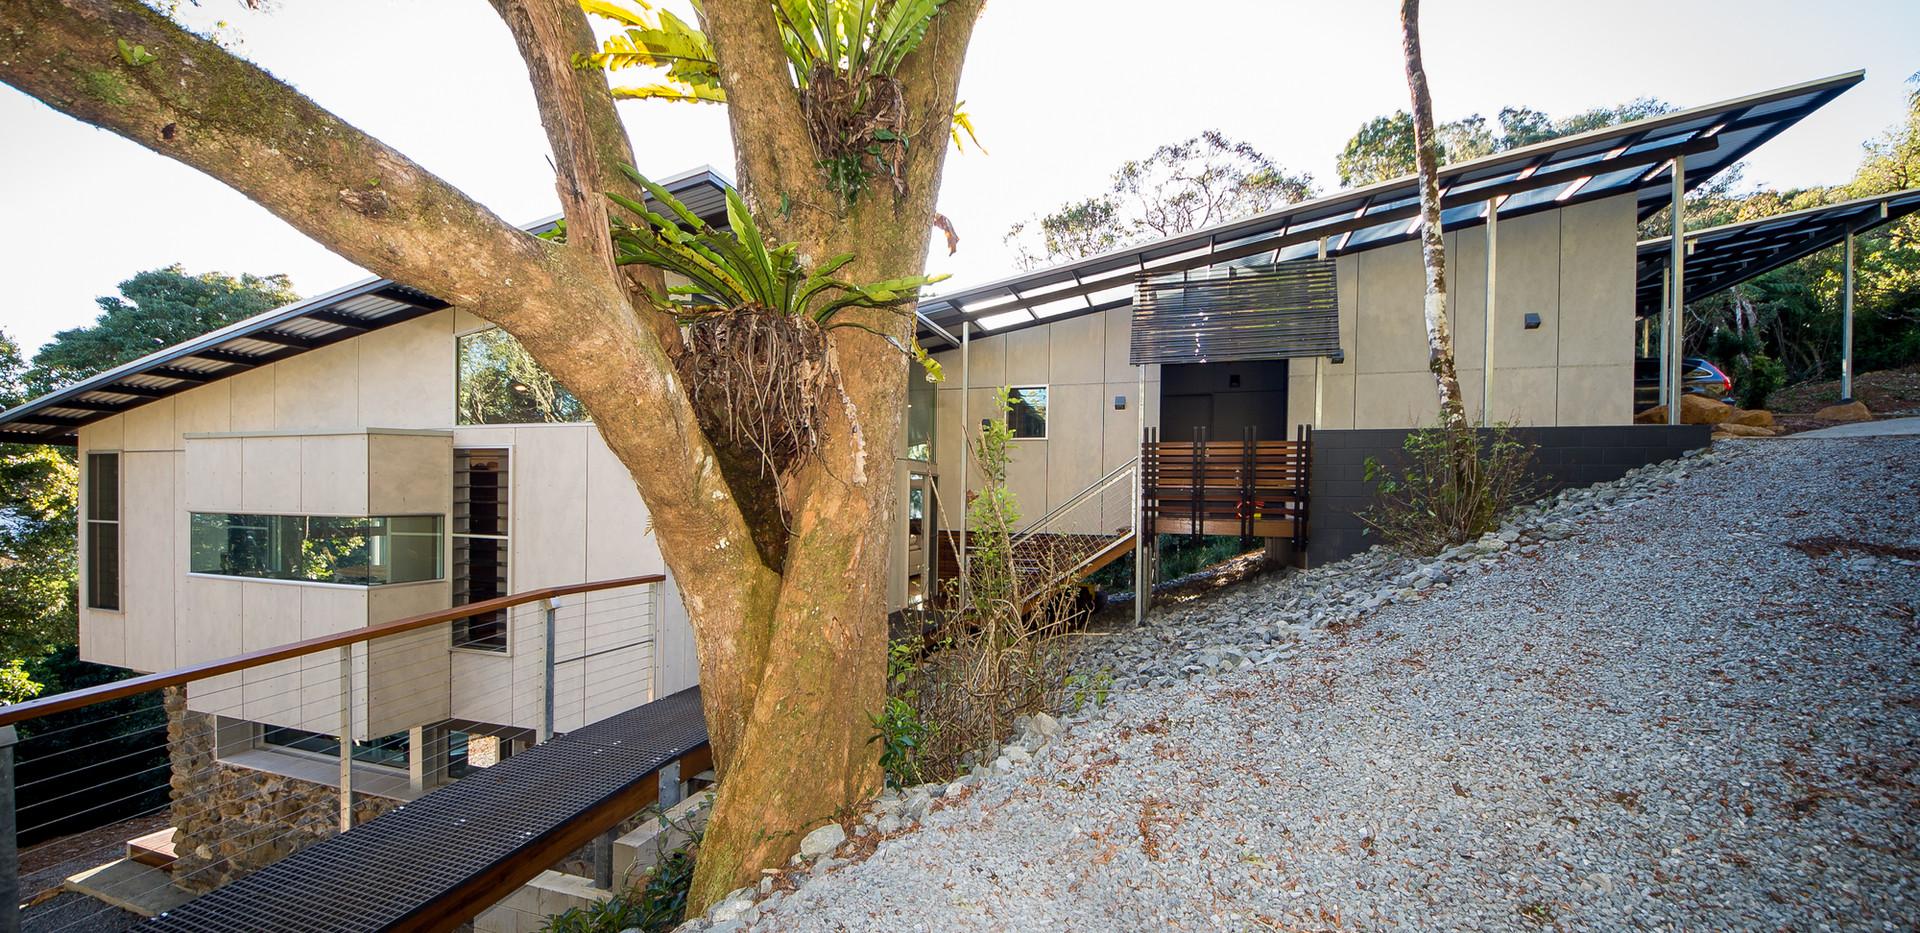 Rainforest House 1